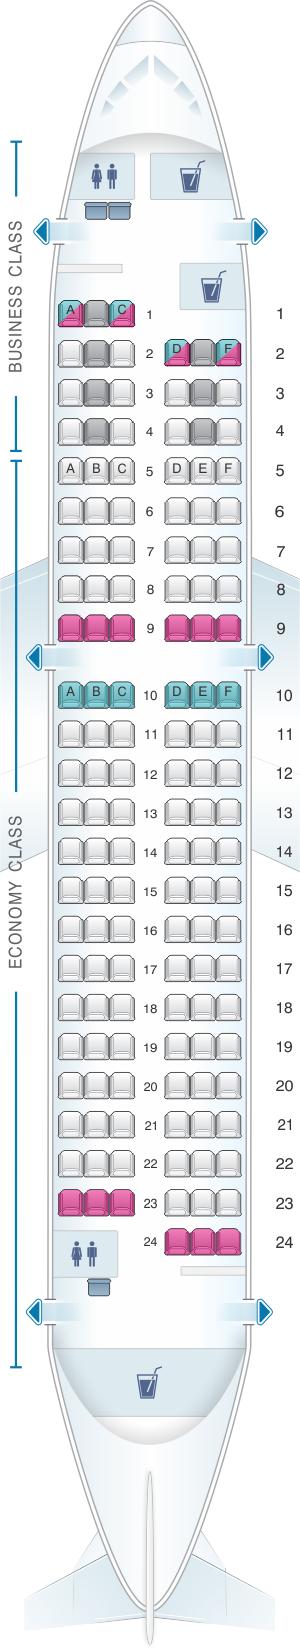 Seat map for Finnair Airbus A319